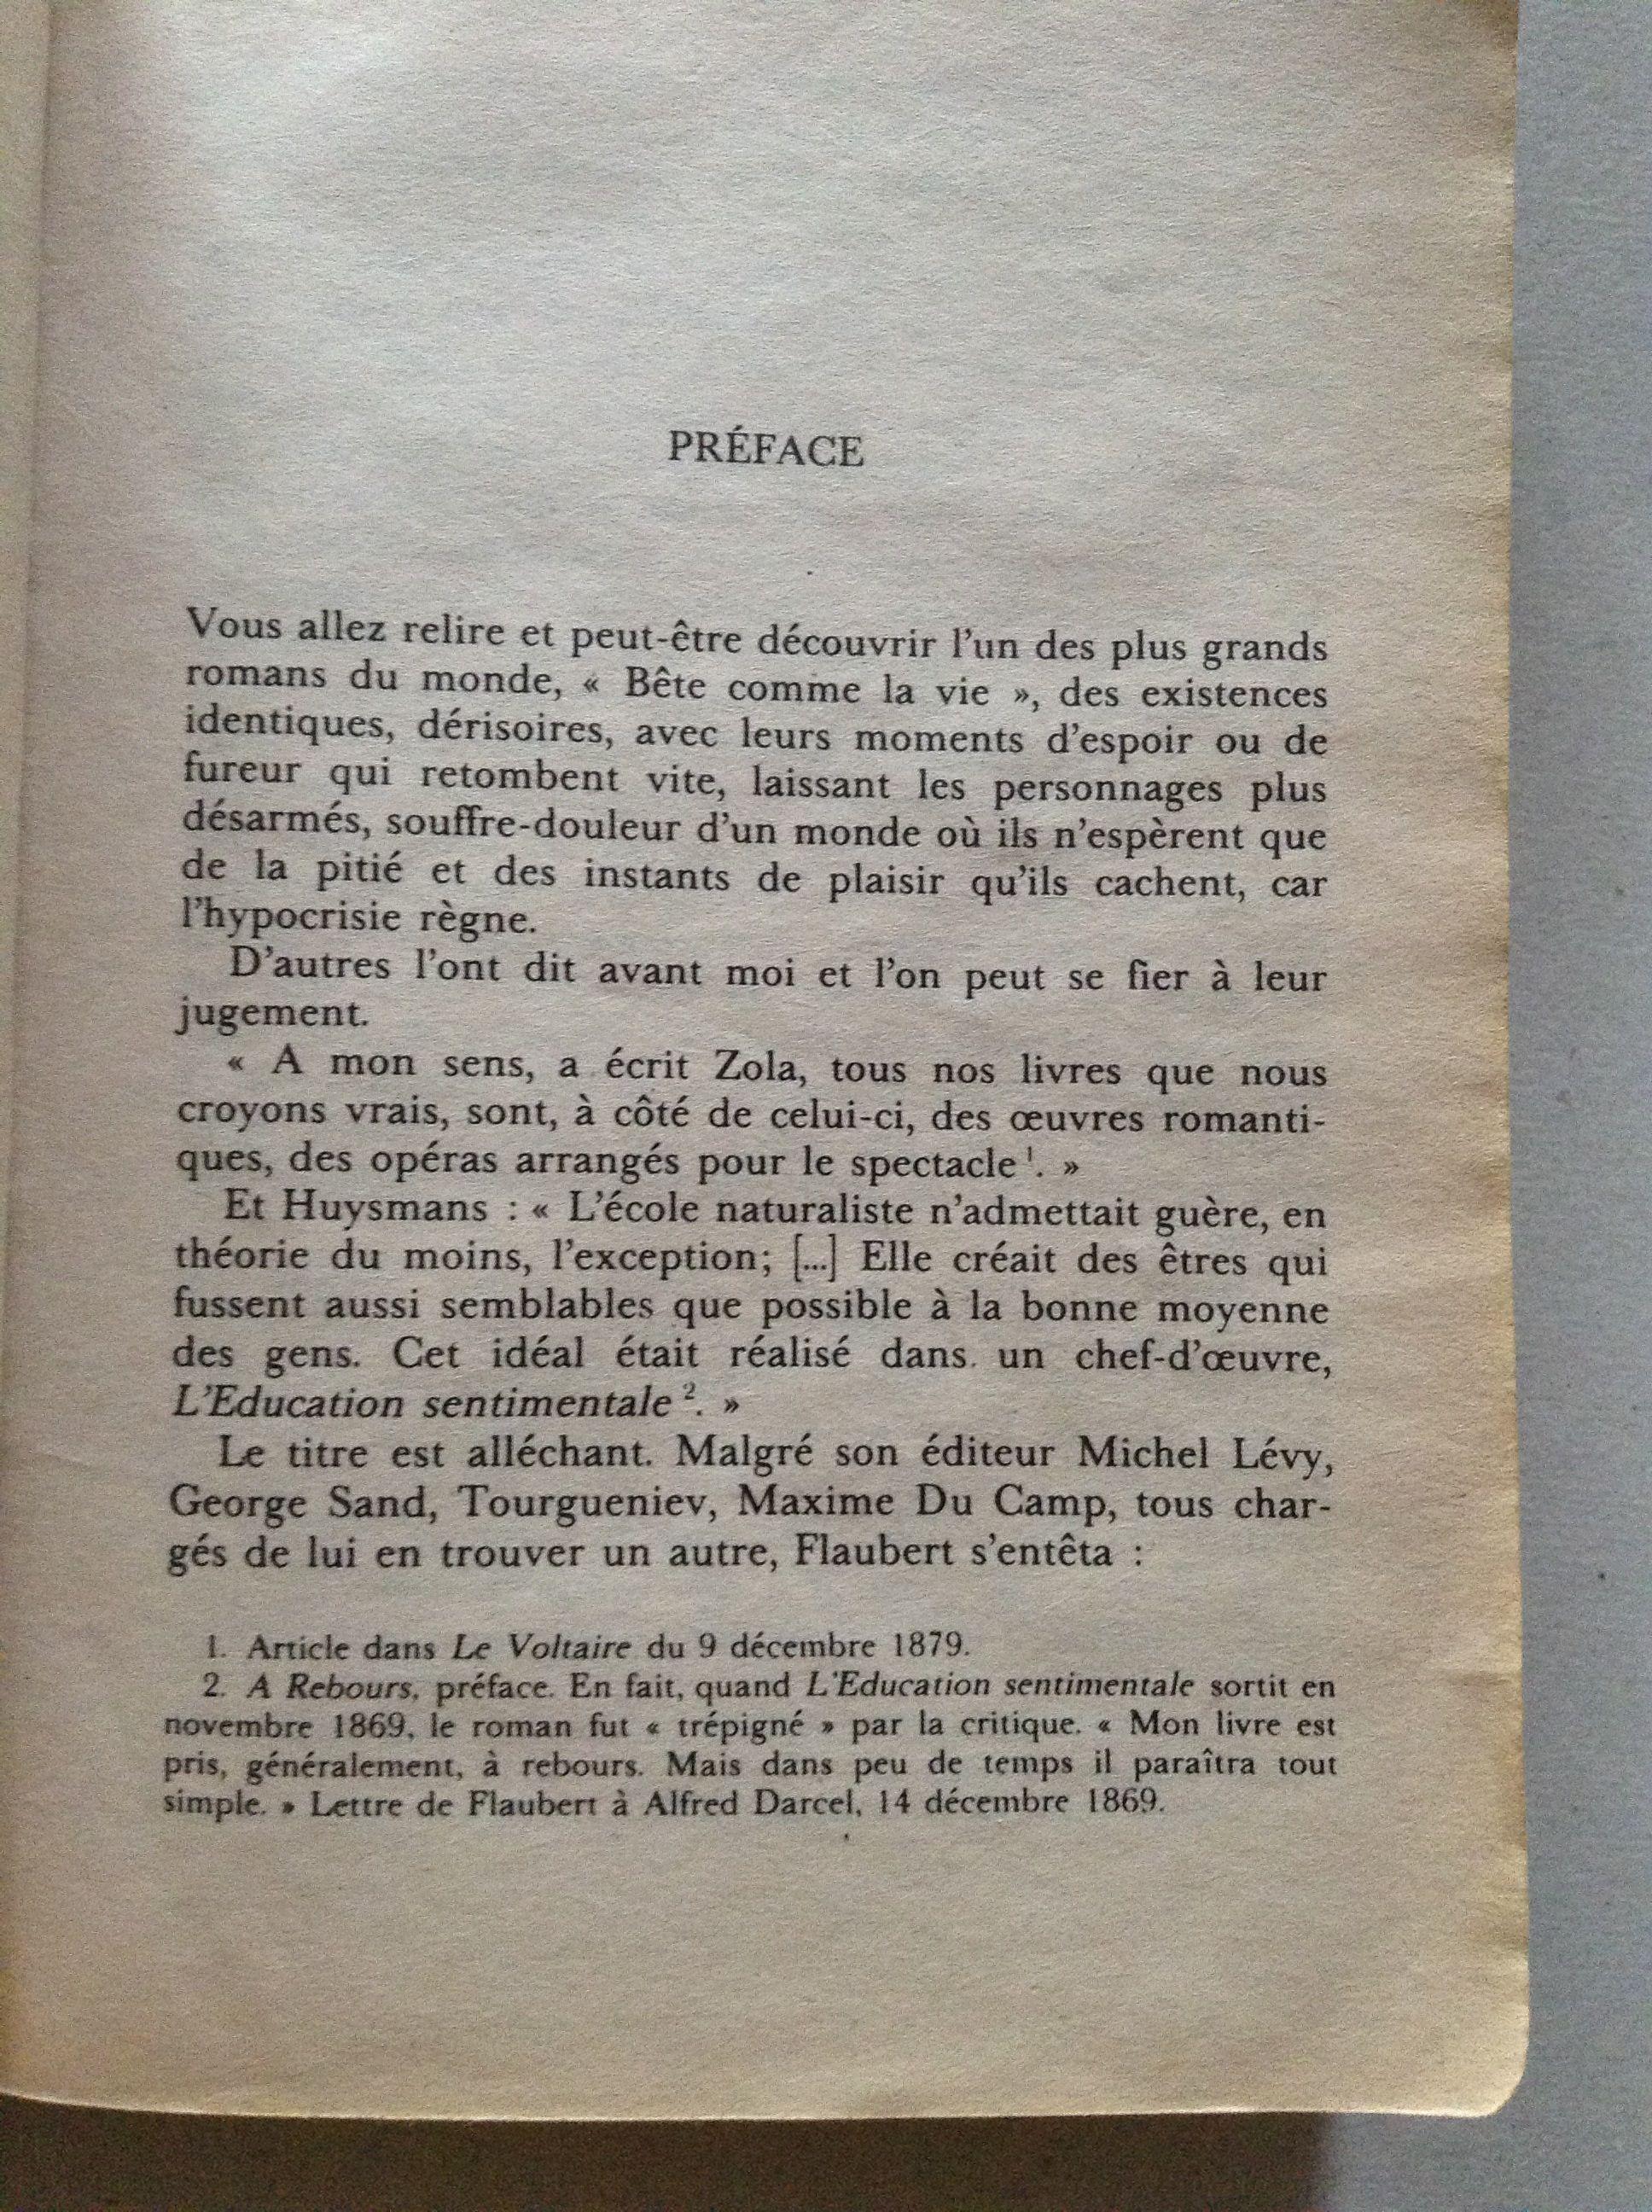 Exemple De Préface D Un Livre : exemple, préface, livre, Distinction, Entre, Réalité, Fiction, Culture, Numérique., Philosophie, Numérique